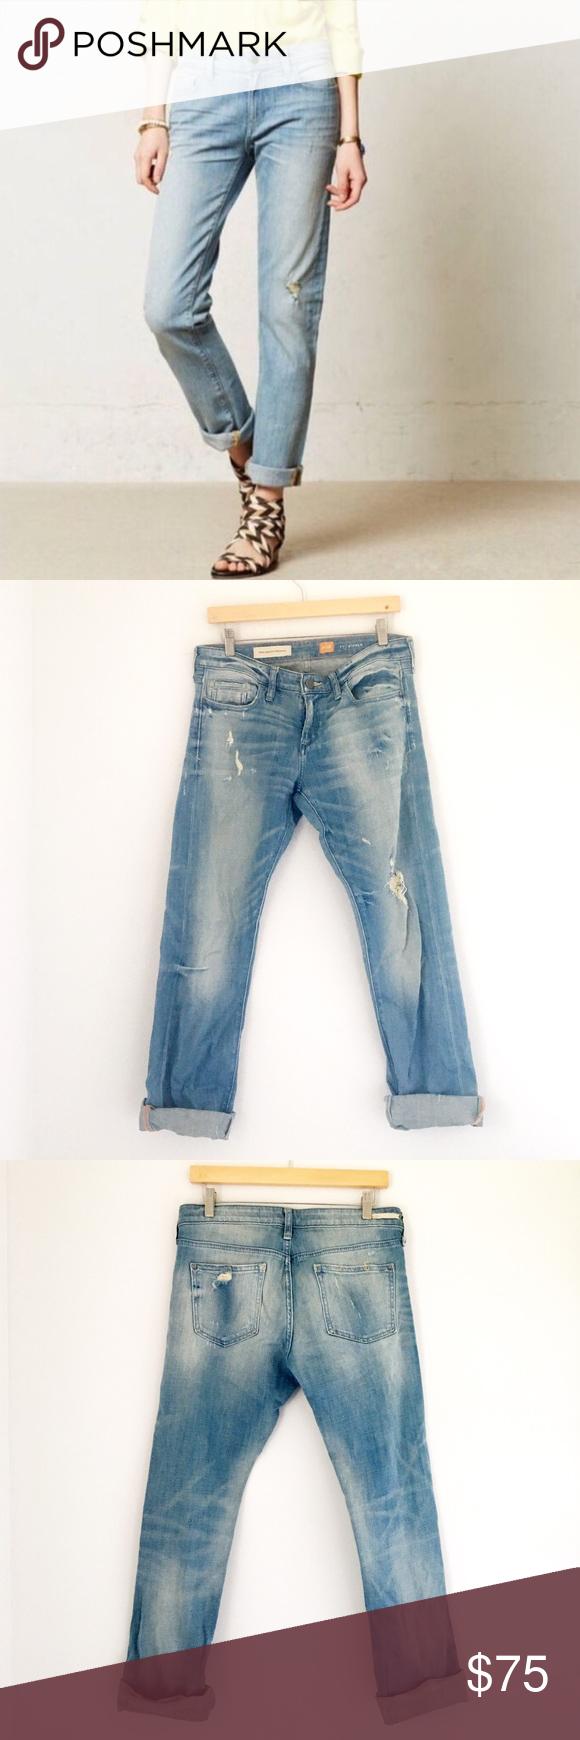 Anthropologie Distressed Pilcro Hyphen Jeans Very nice distressed designer denim jeans. Anthropologie Jeans Boyfriend